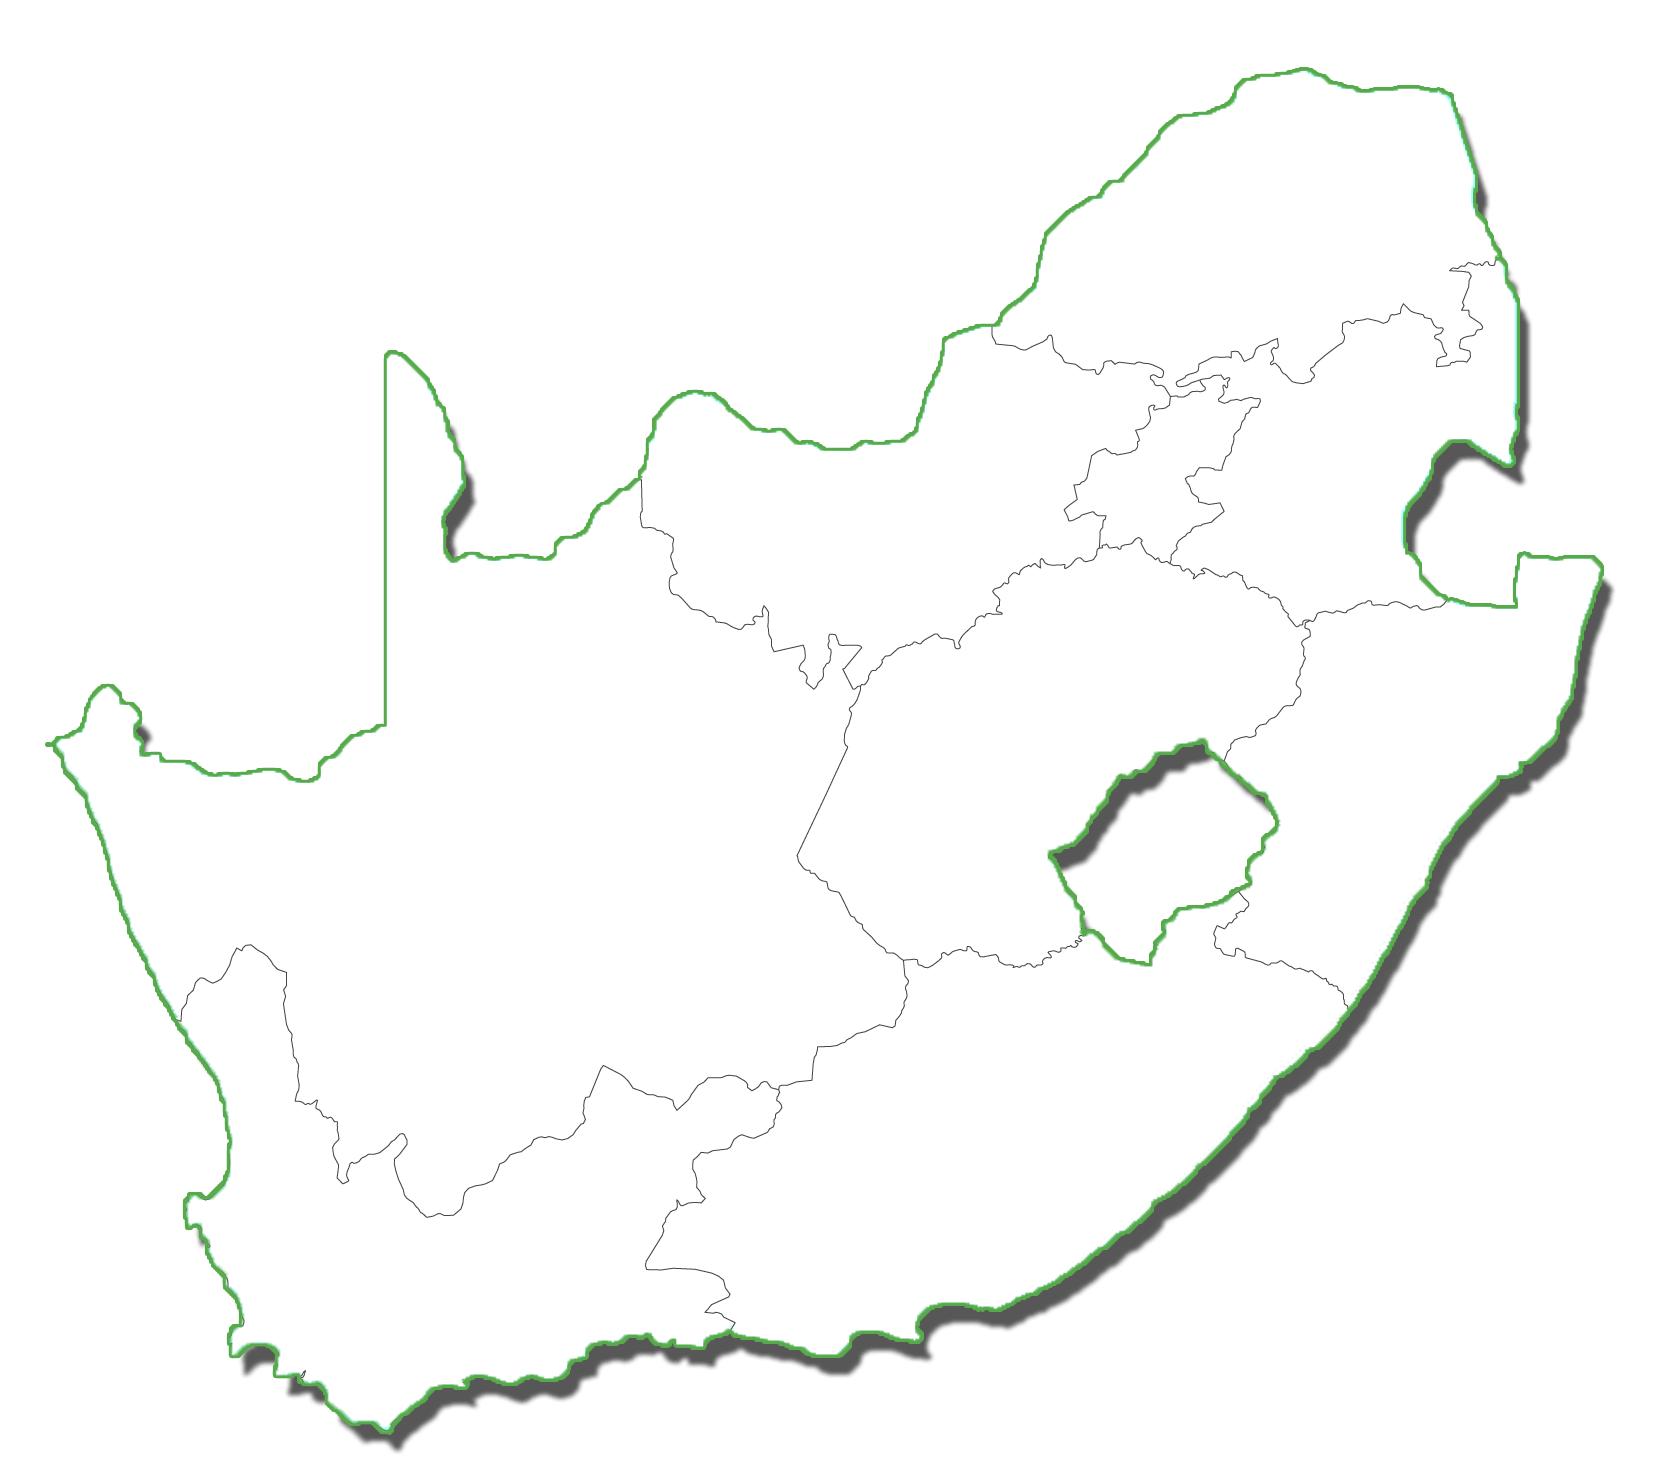 Humerfert distribution map